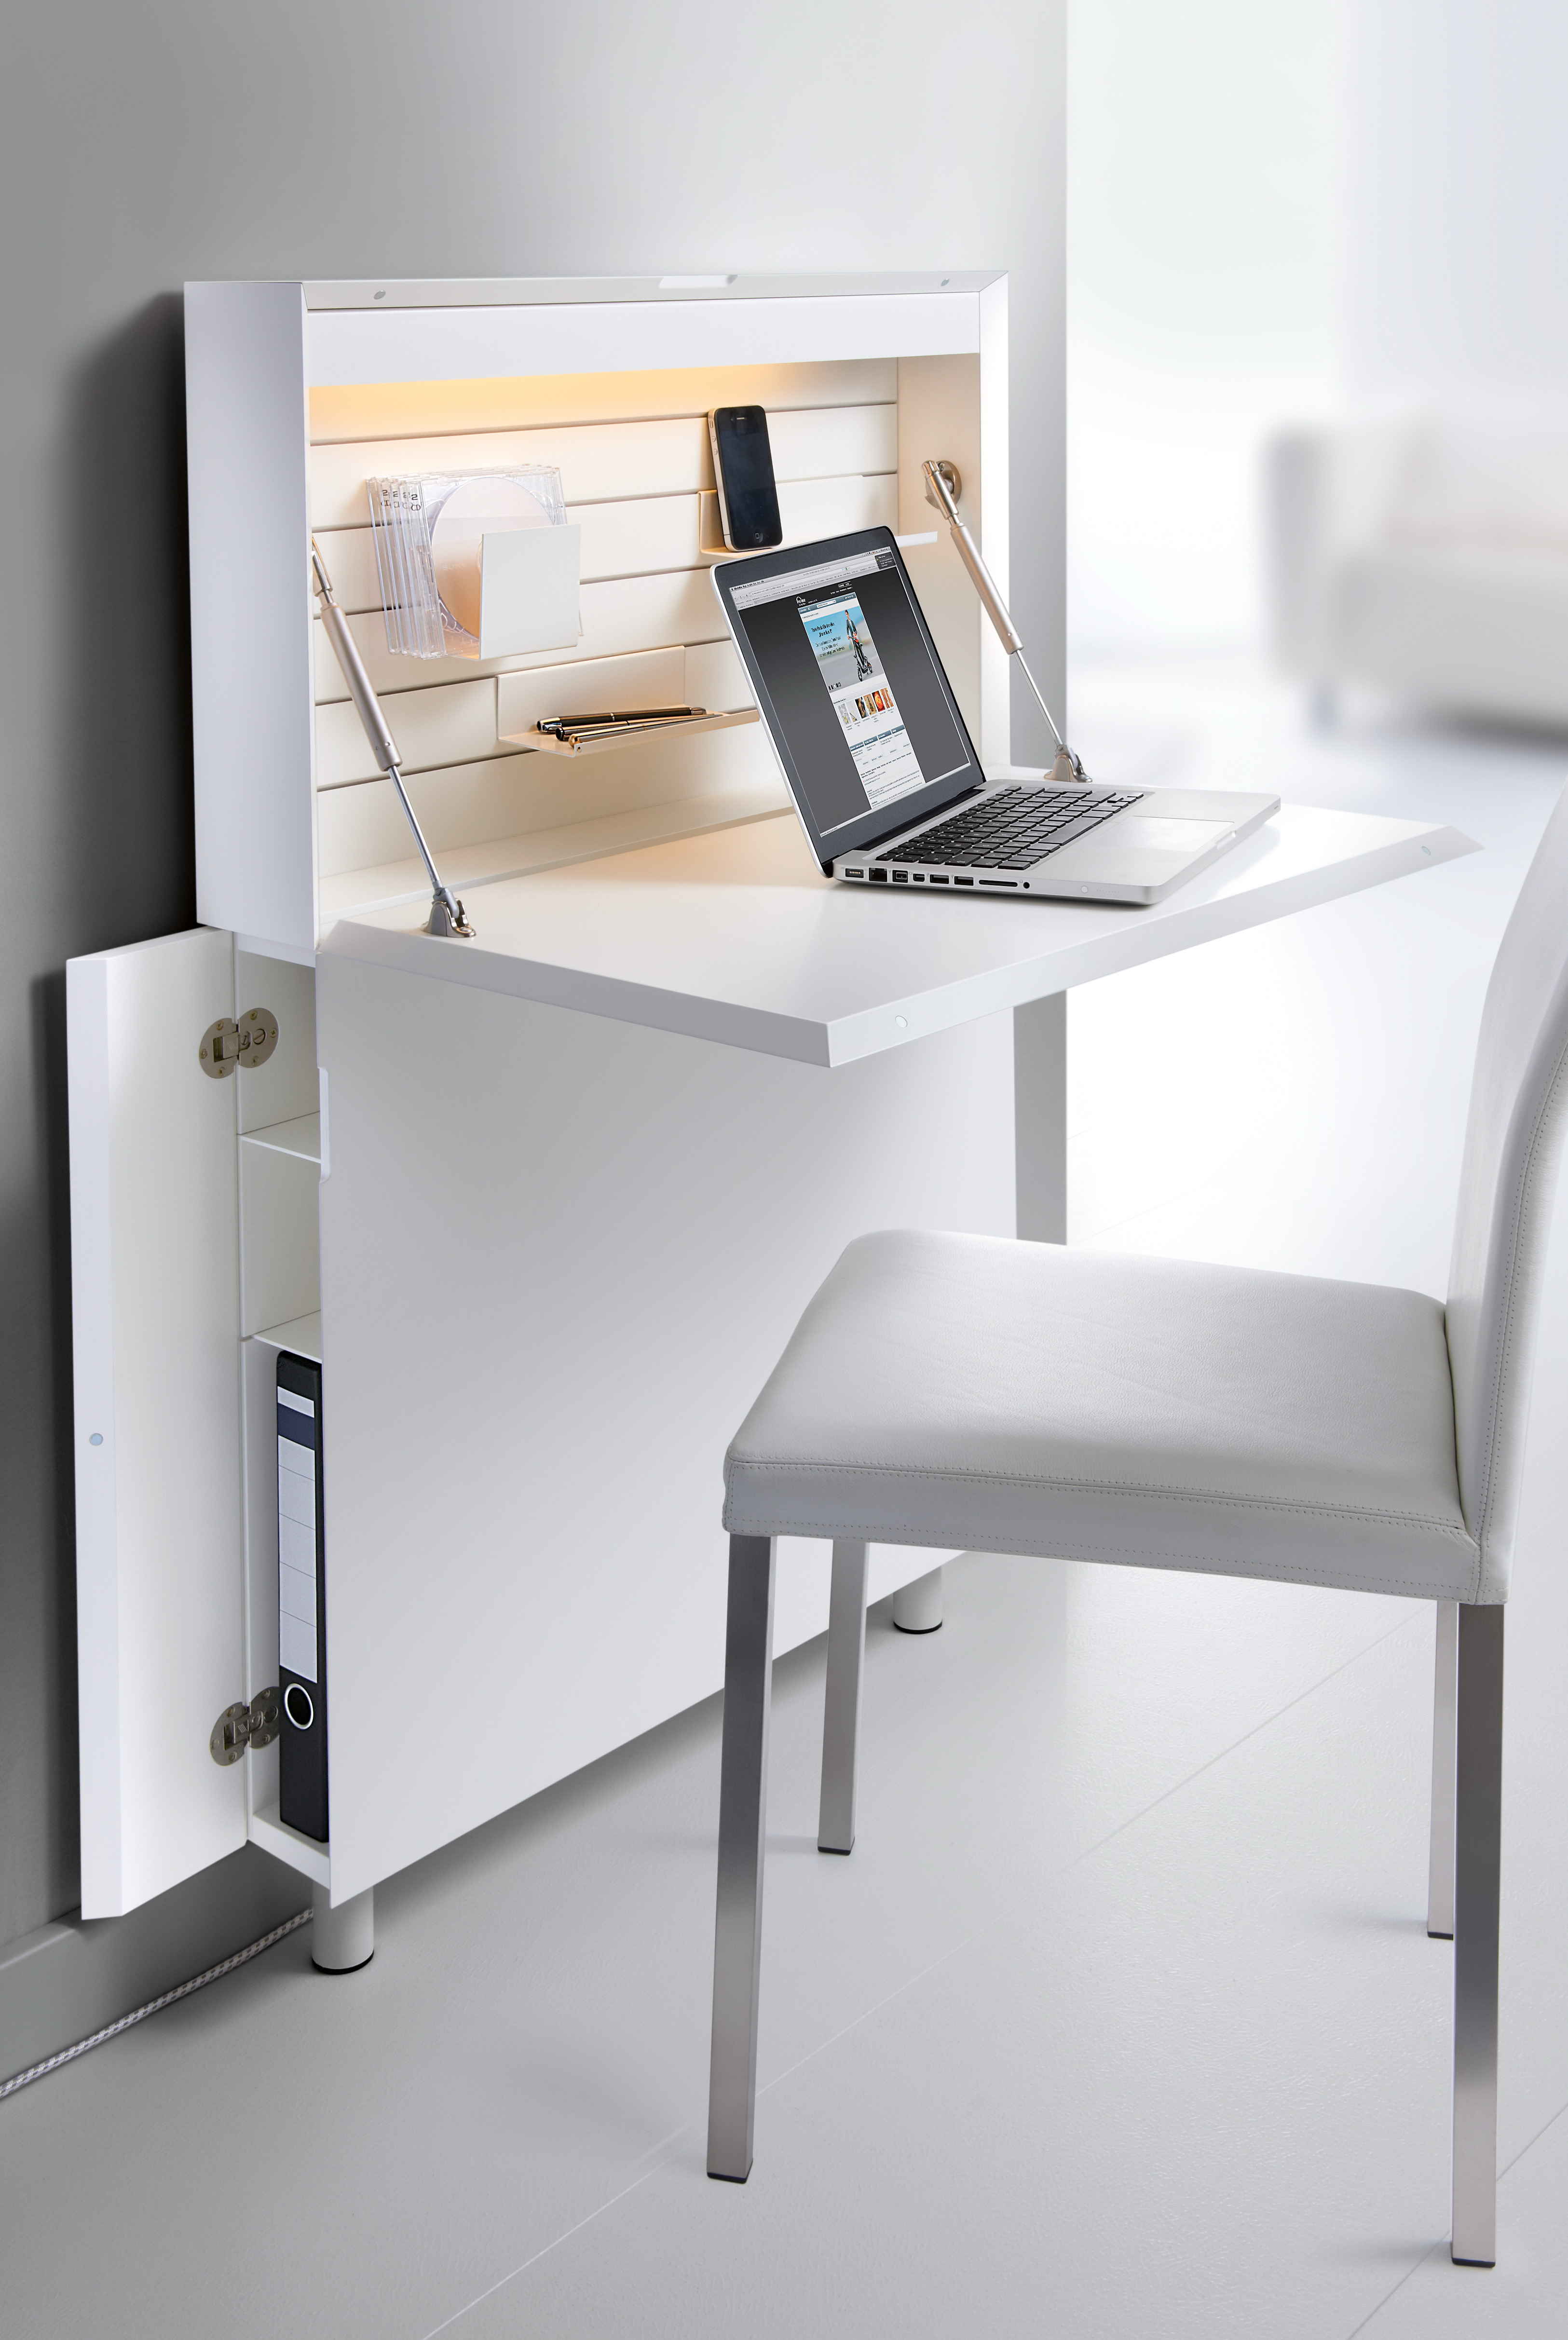 Ideen für ein stilvolles Home-Office